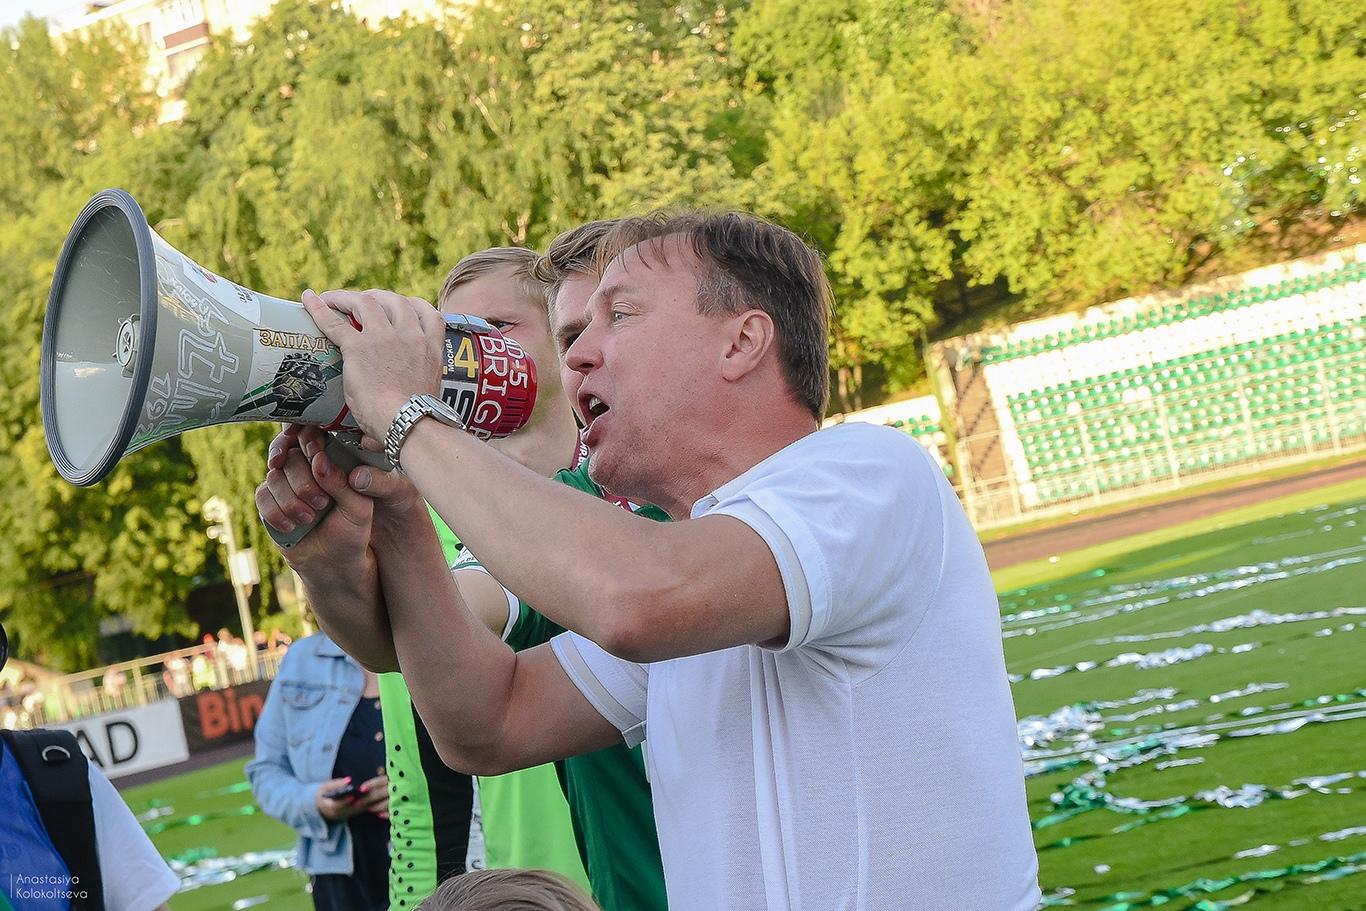 Пять безработных тренеров, которых не хватает в чемпионате России - фото